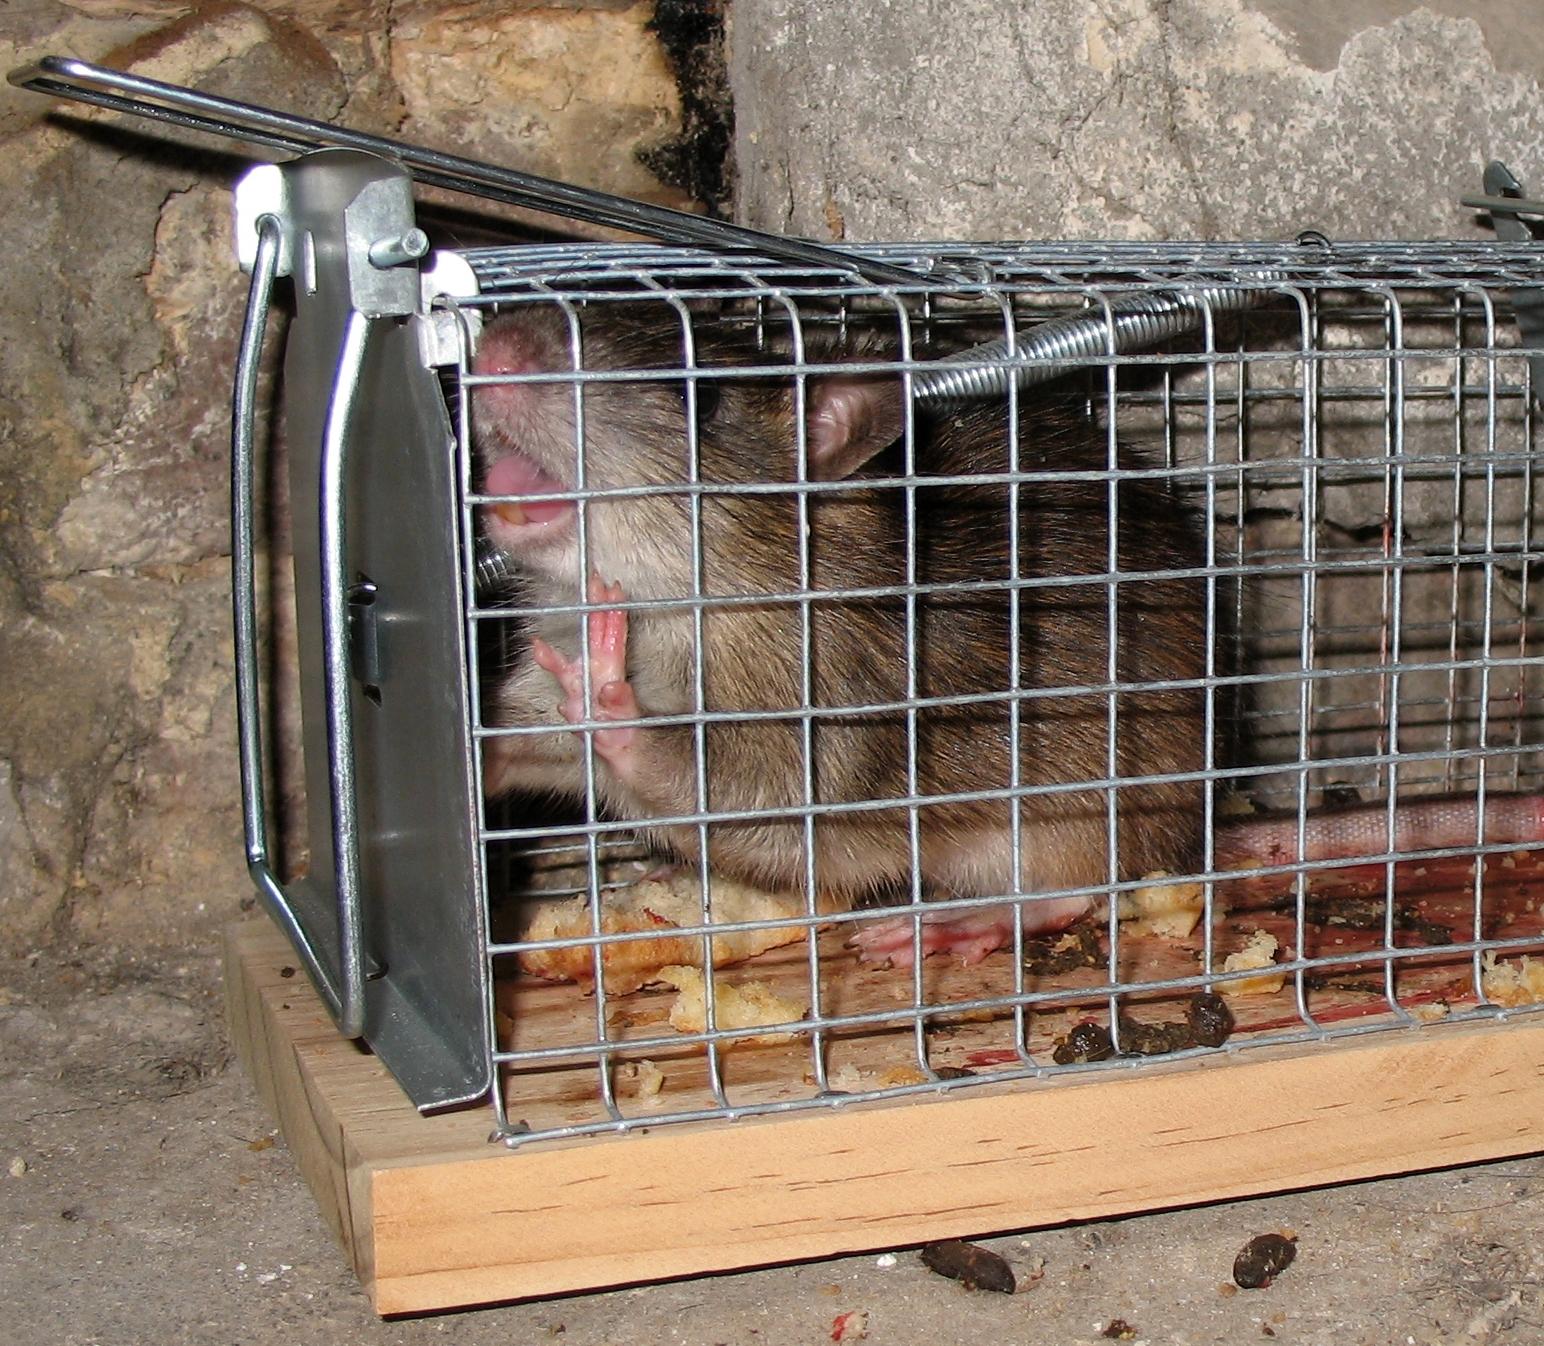 Piege A Rats Wikipedia